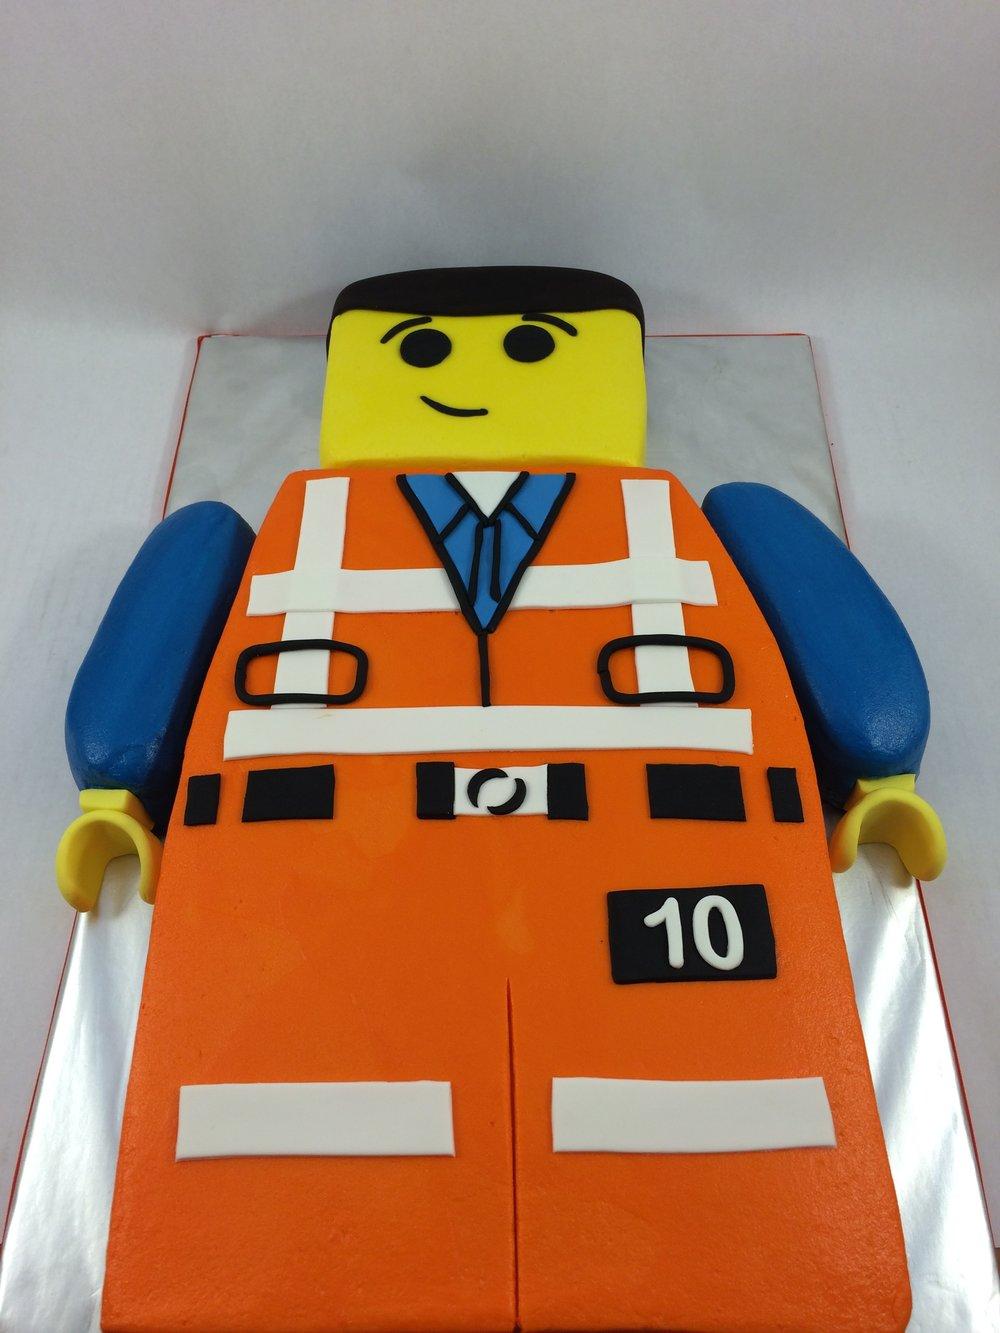 Cake lego mini figure.JPG